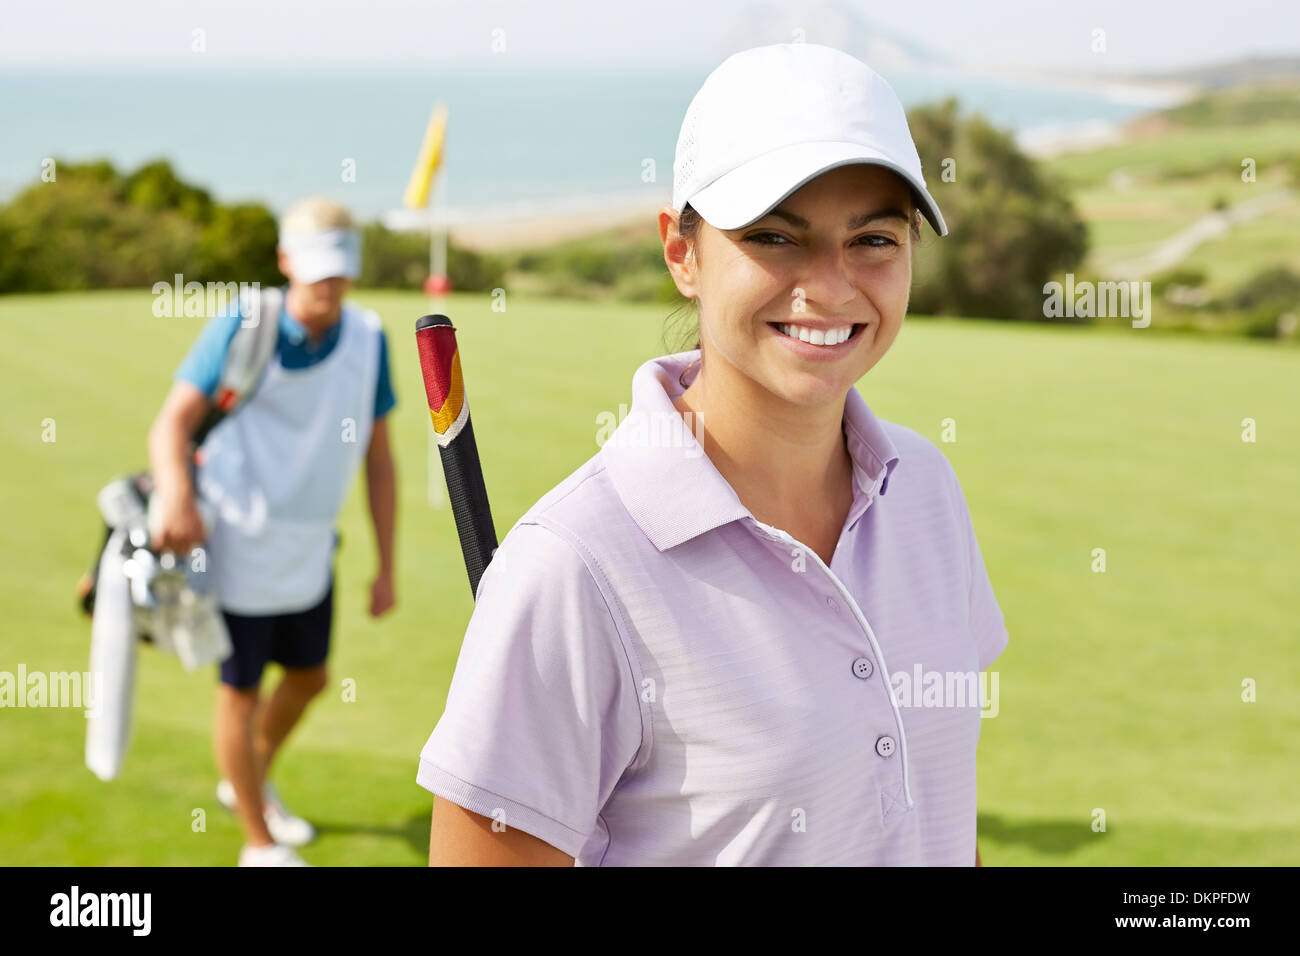 Lächelnde Frau auf Golfplatz Stockbild